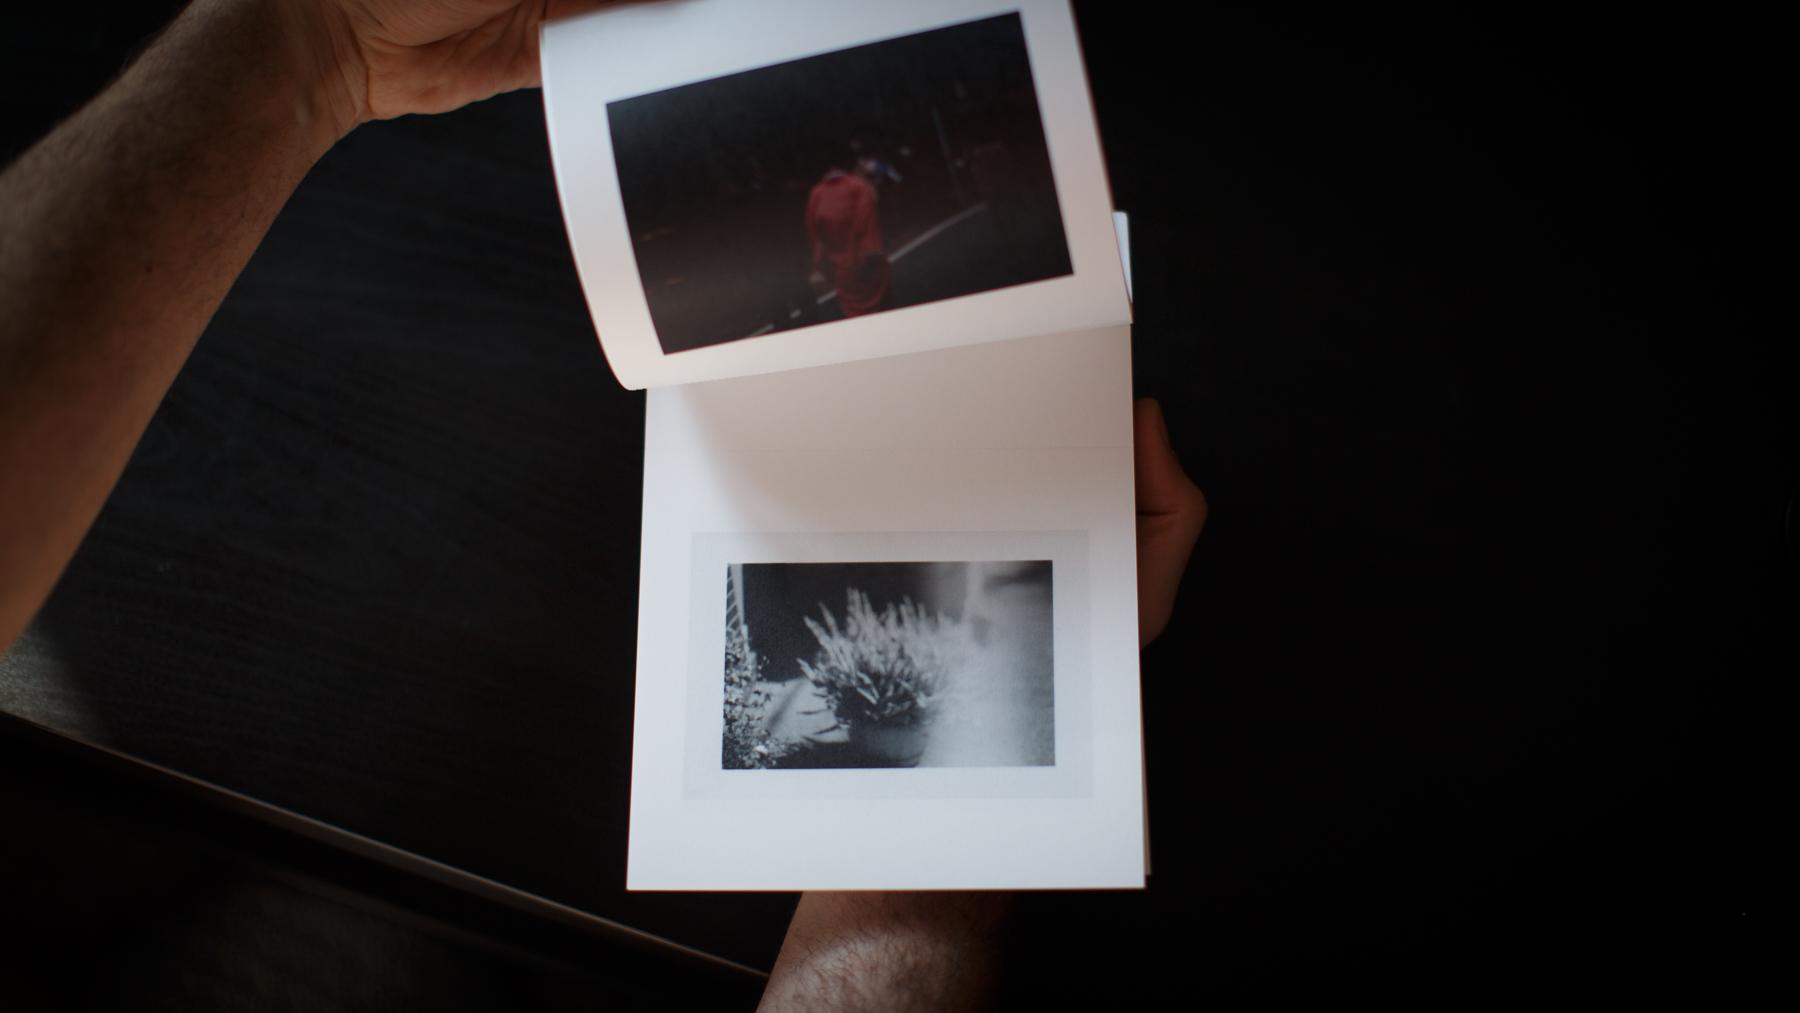 livro_ponte_dourada_sobre_rio_noturno-24.jpg